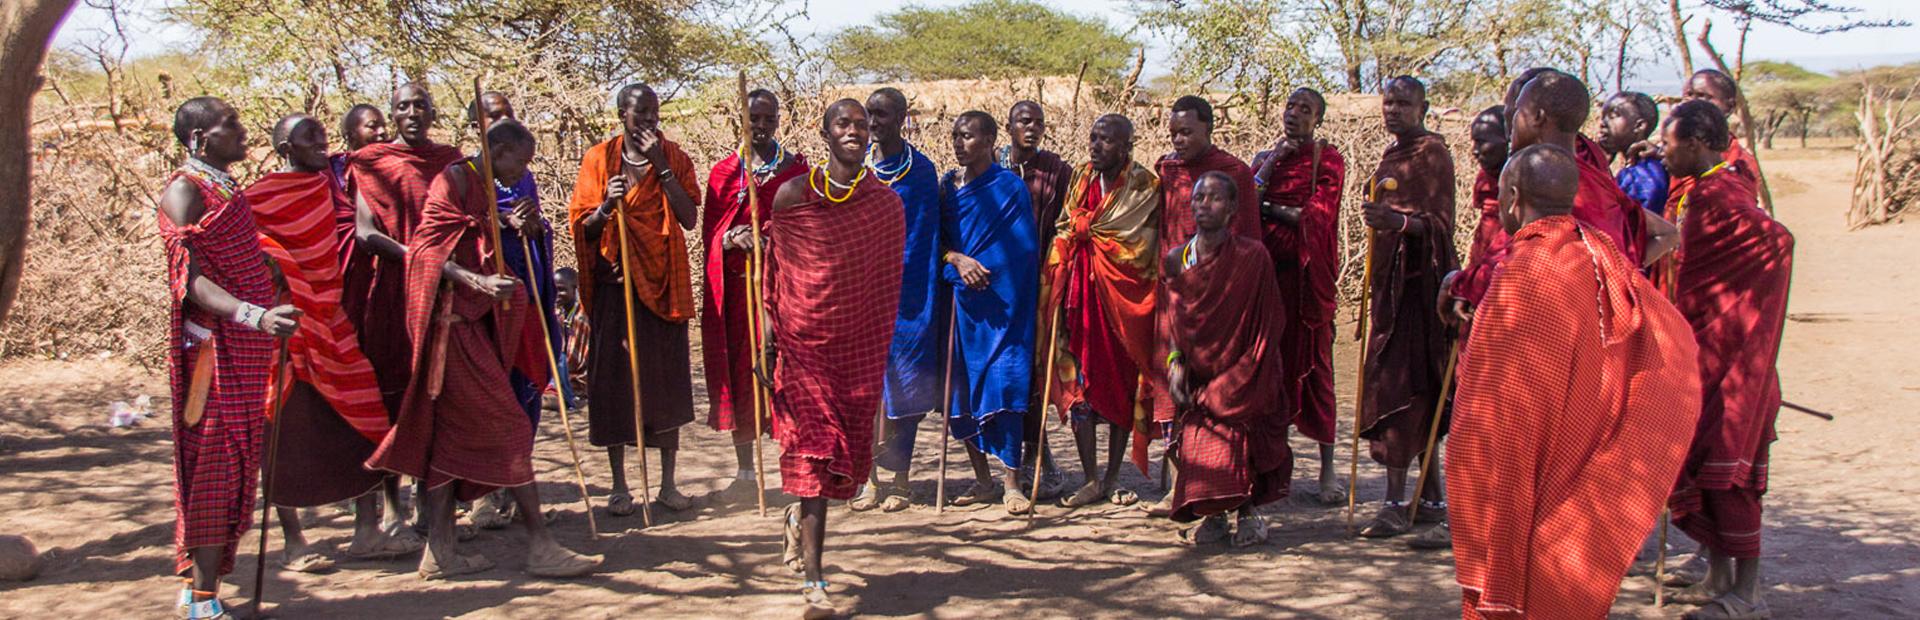 Tanzania_Tour_1920x620